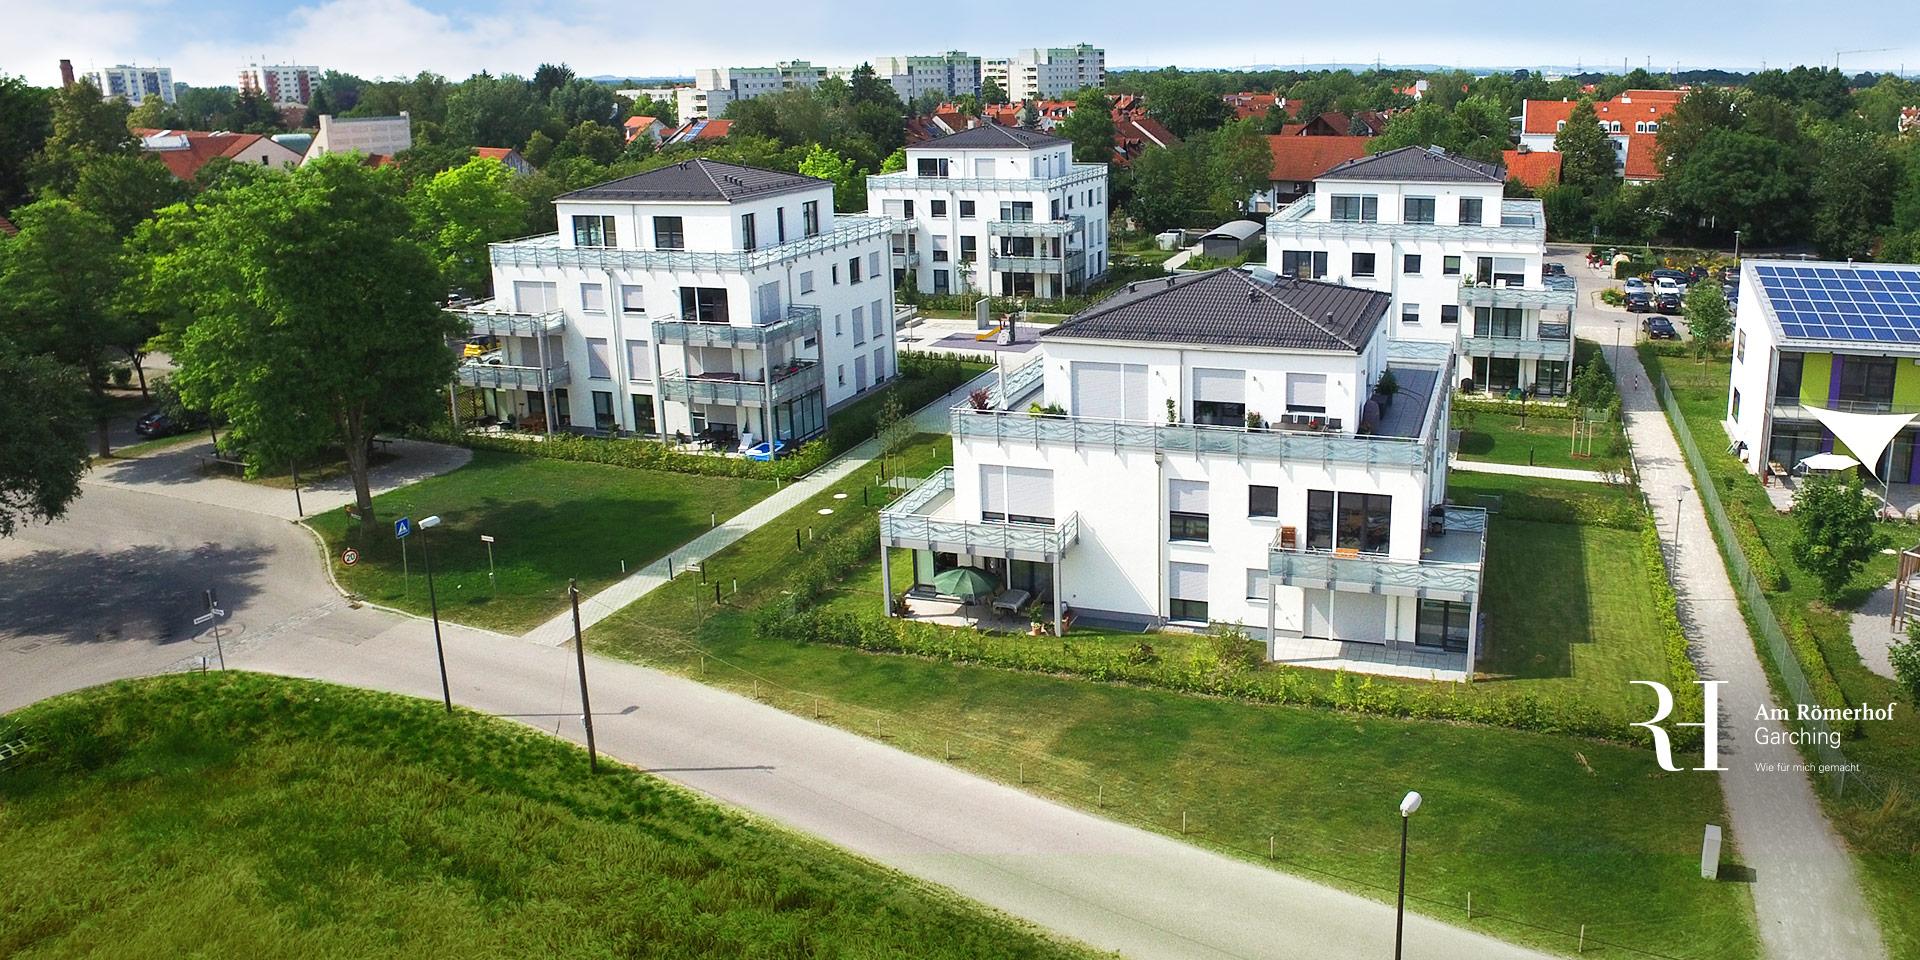 Eigentumswohnungen Garching: Am Römerhof